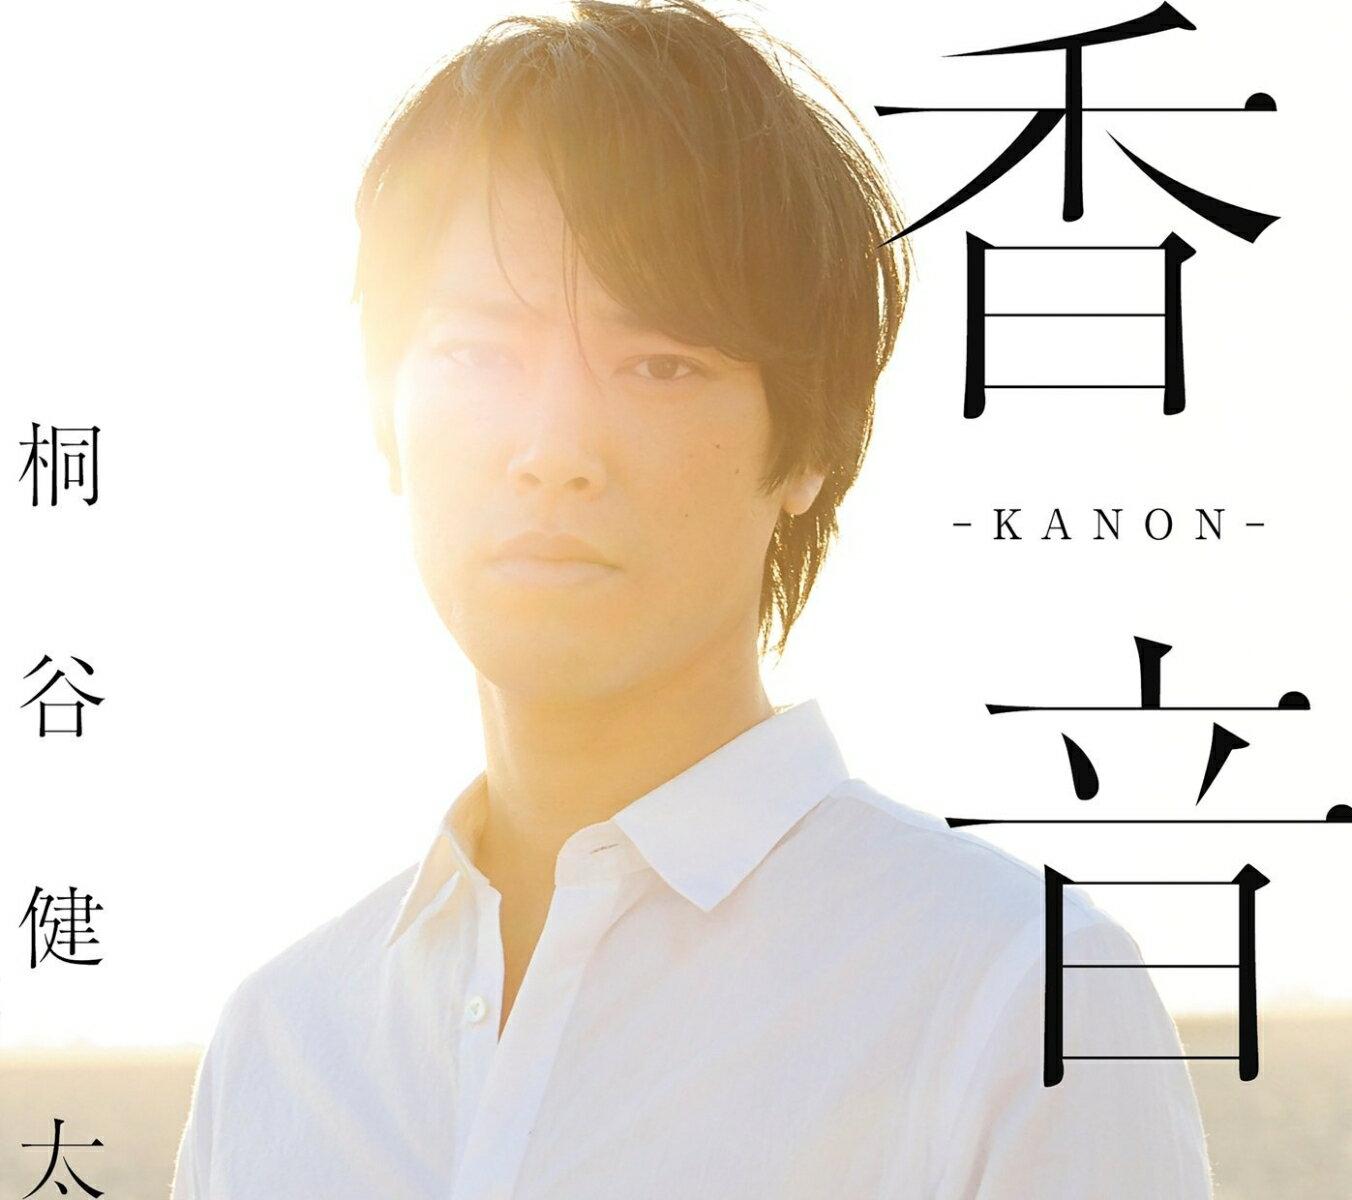 香音ーKANON- (初回限定盤 CD+DVD+フォトブック)画像